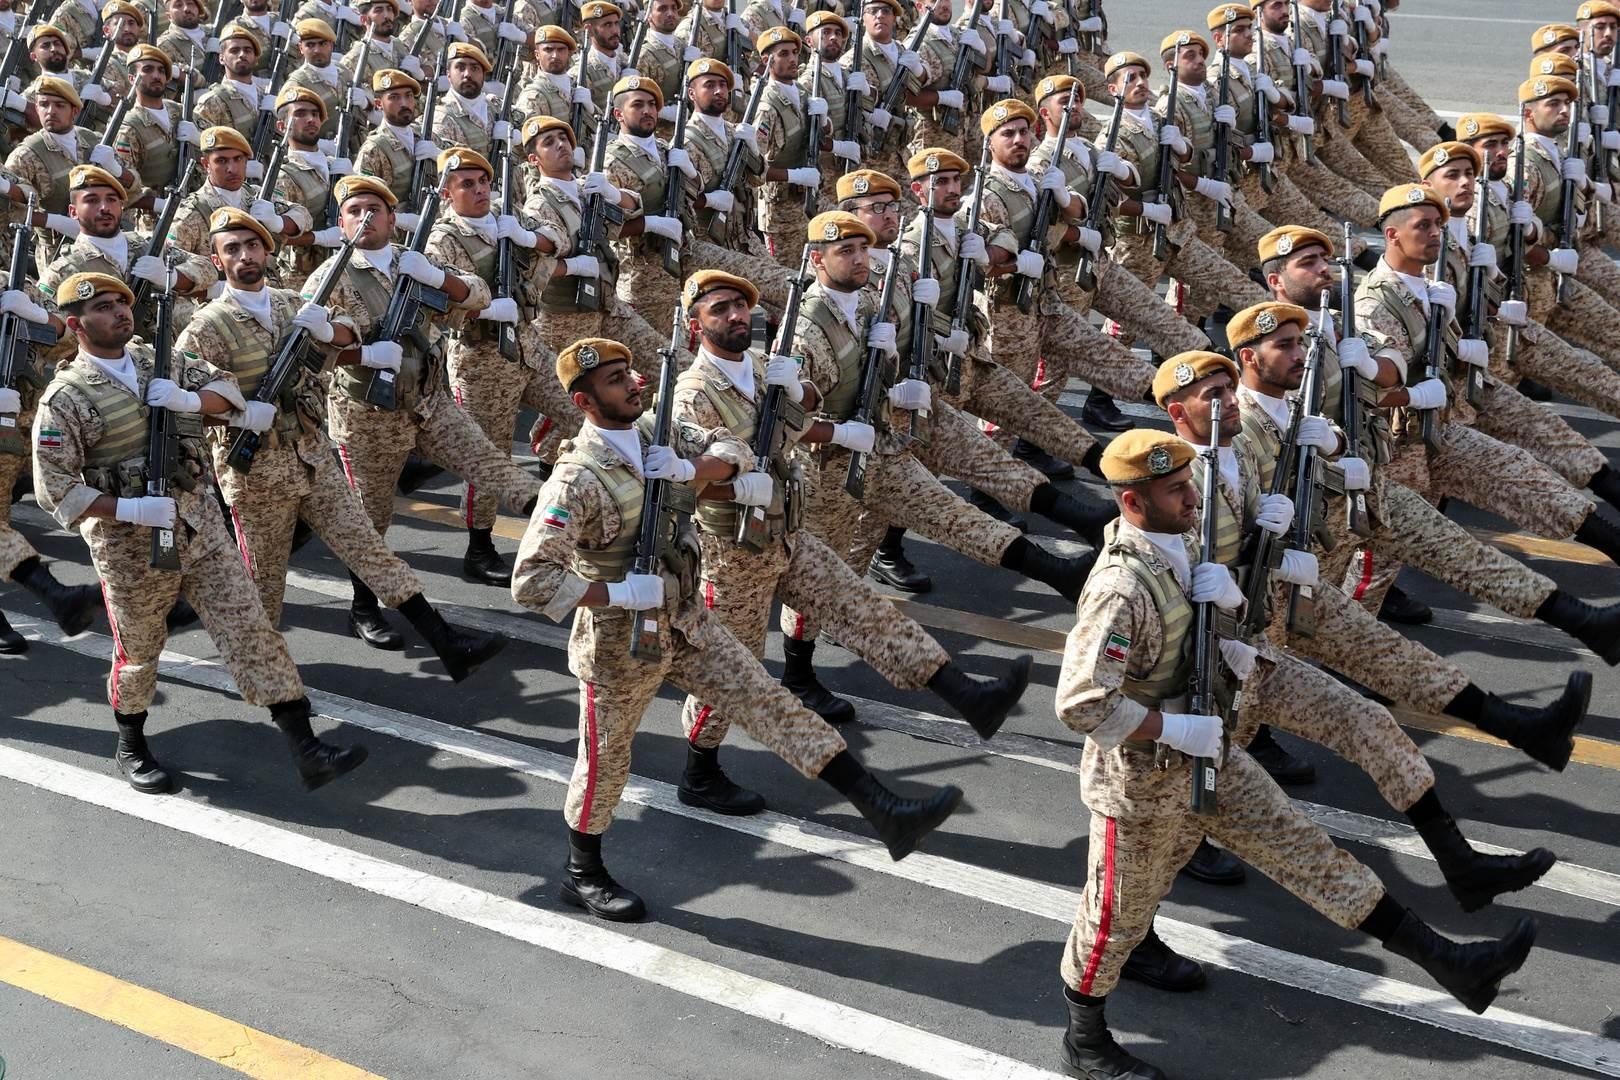 الجيش الإيراني يعلن تعزيز الاستعداد القتالي بما يتناسب مع التهديدات